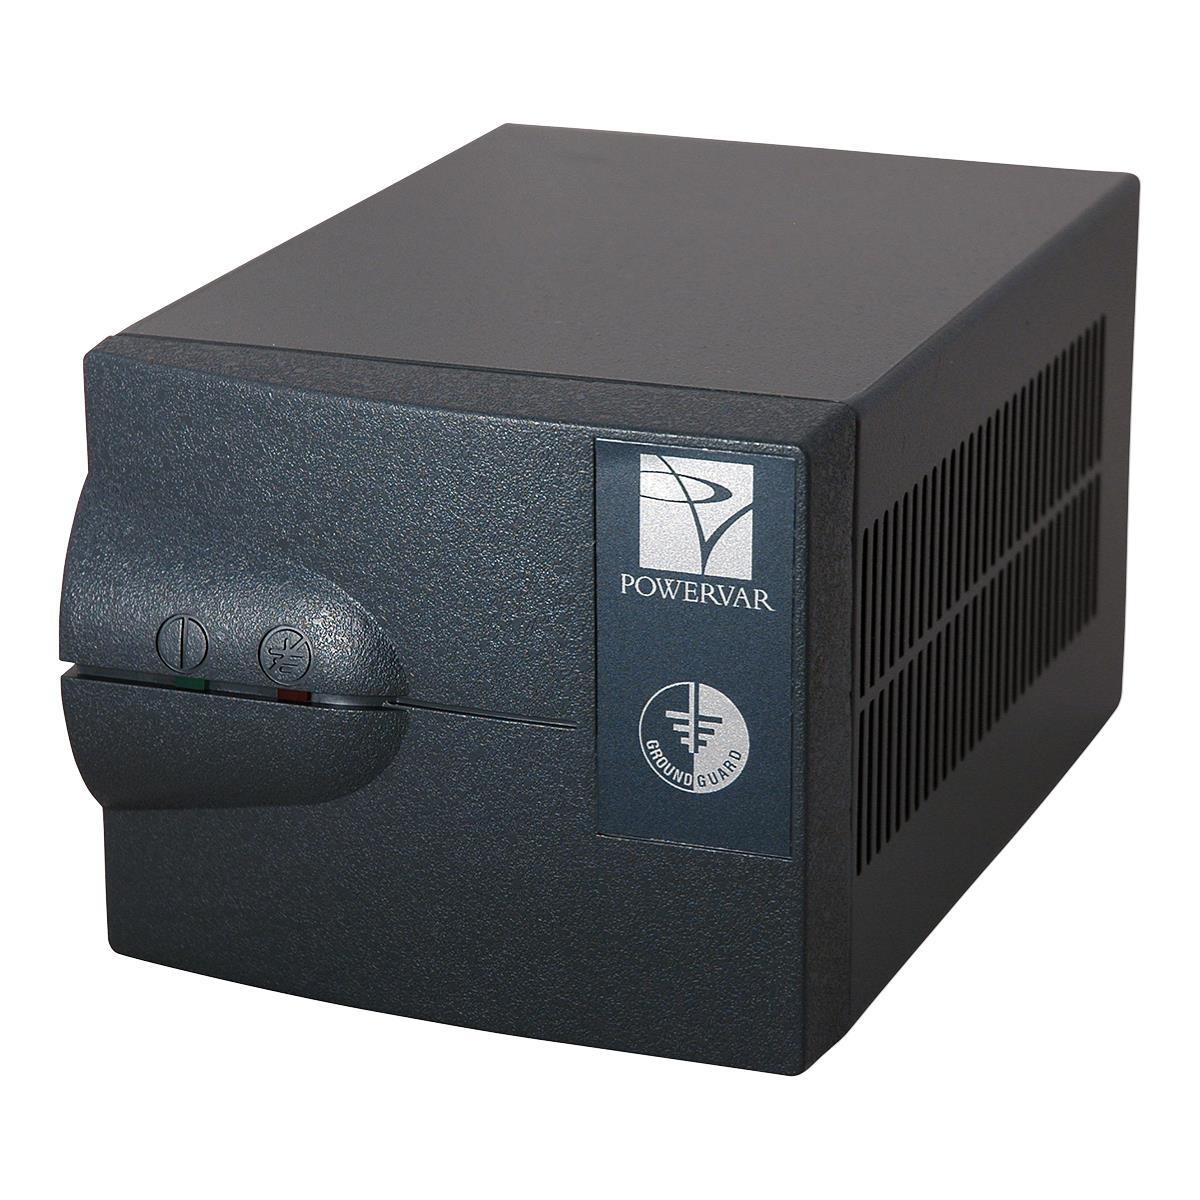 Powervar Power Conditioner